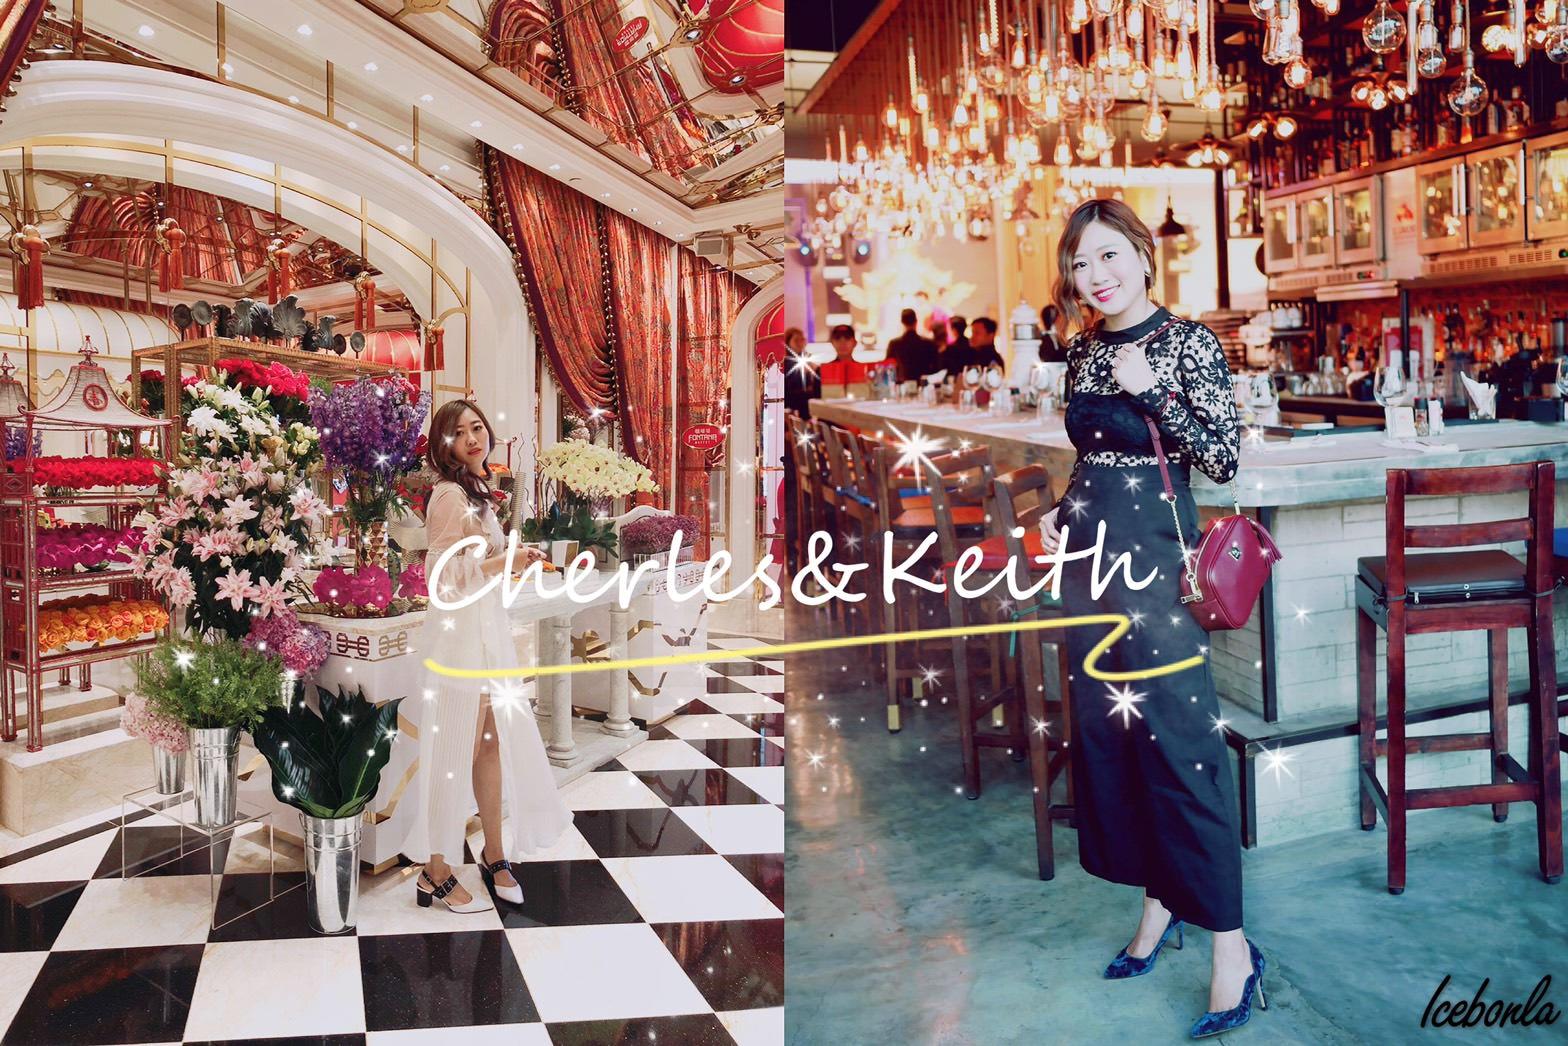 小CK購物教學,新加坡小CK,小CK註冊會員,小CK結帳,小CK快遞關稅,小CK折扣碼,小CK平價精品,CHARLES&KEITH購物教學,CHARLES&KEITH折扣碼,CHARLES&KEITH註冊會員